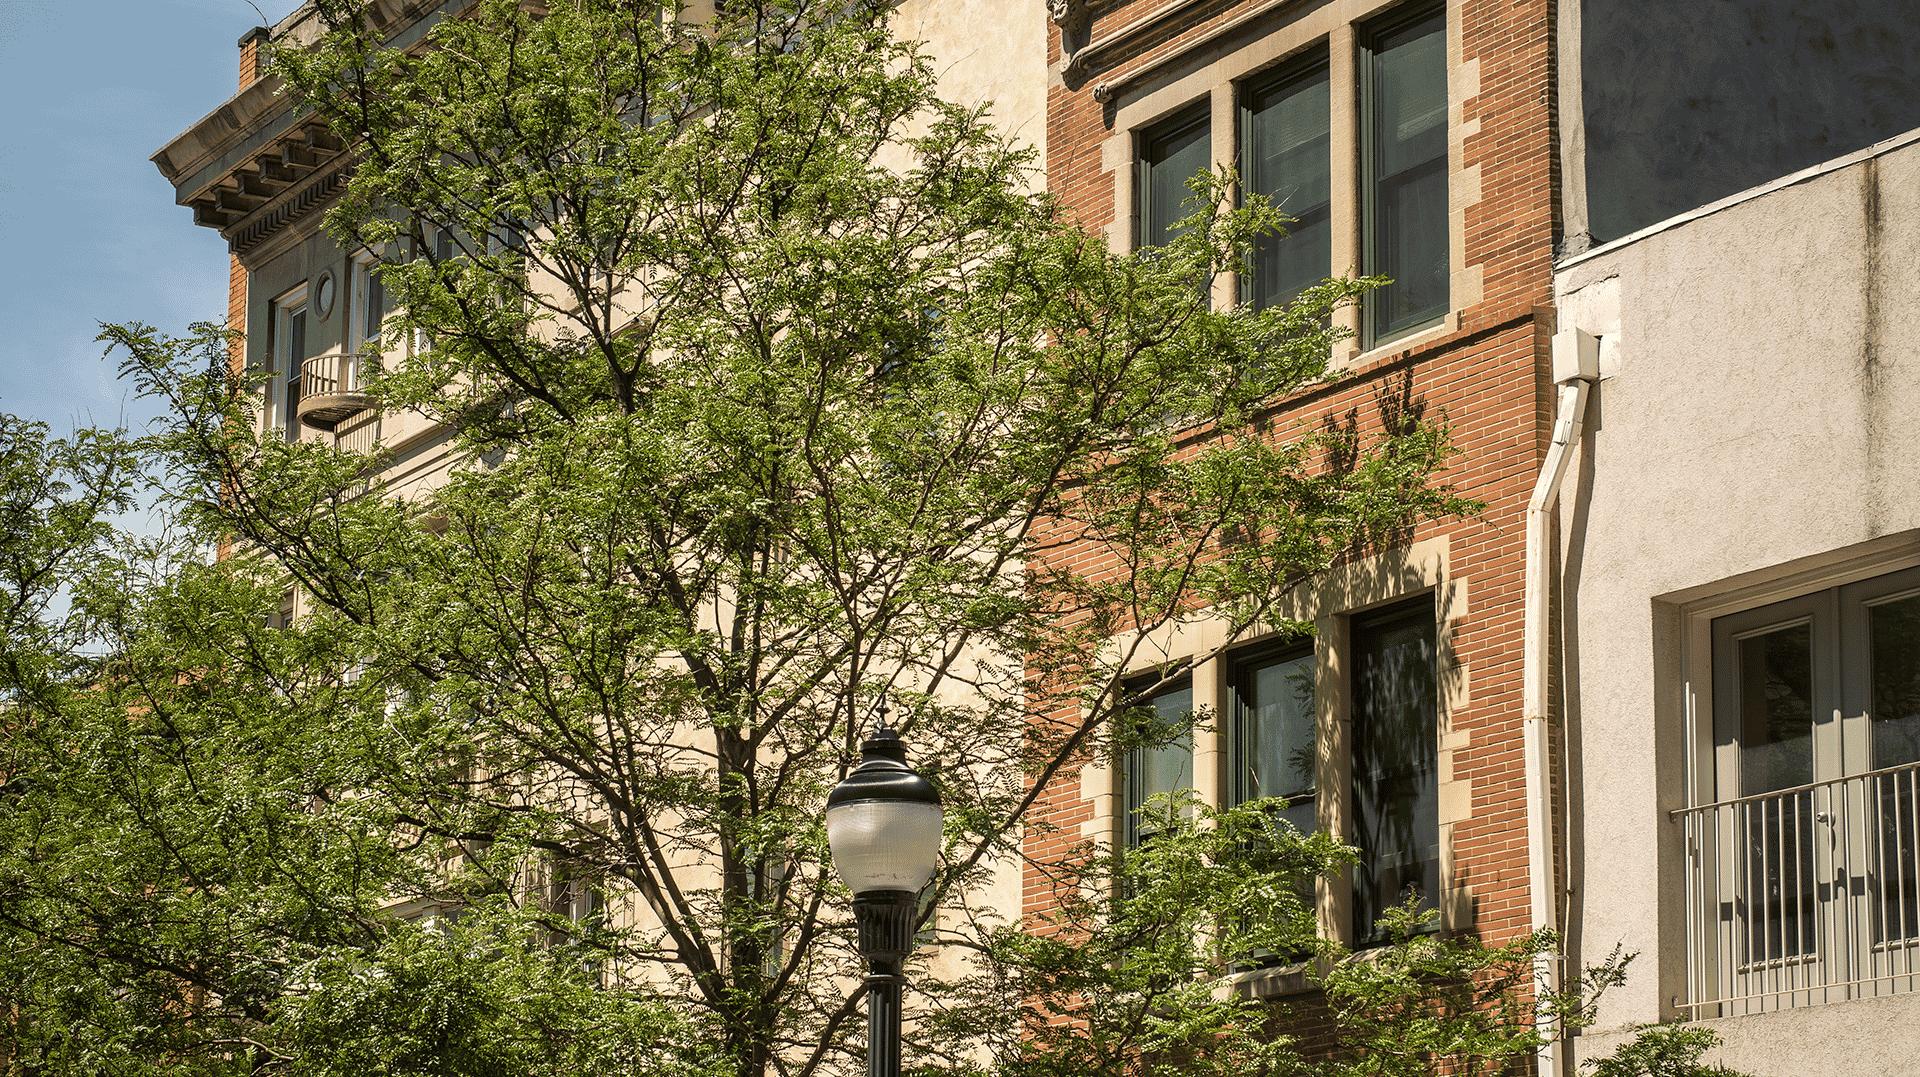 815 MKT exterior in Downtown Wilmington